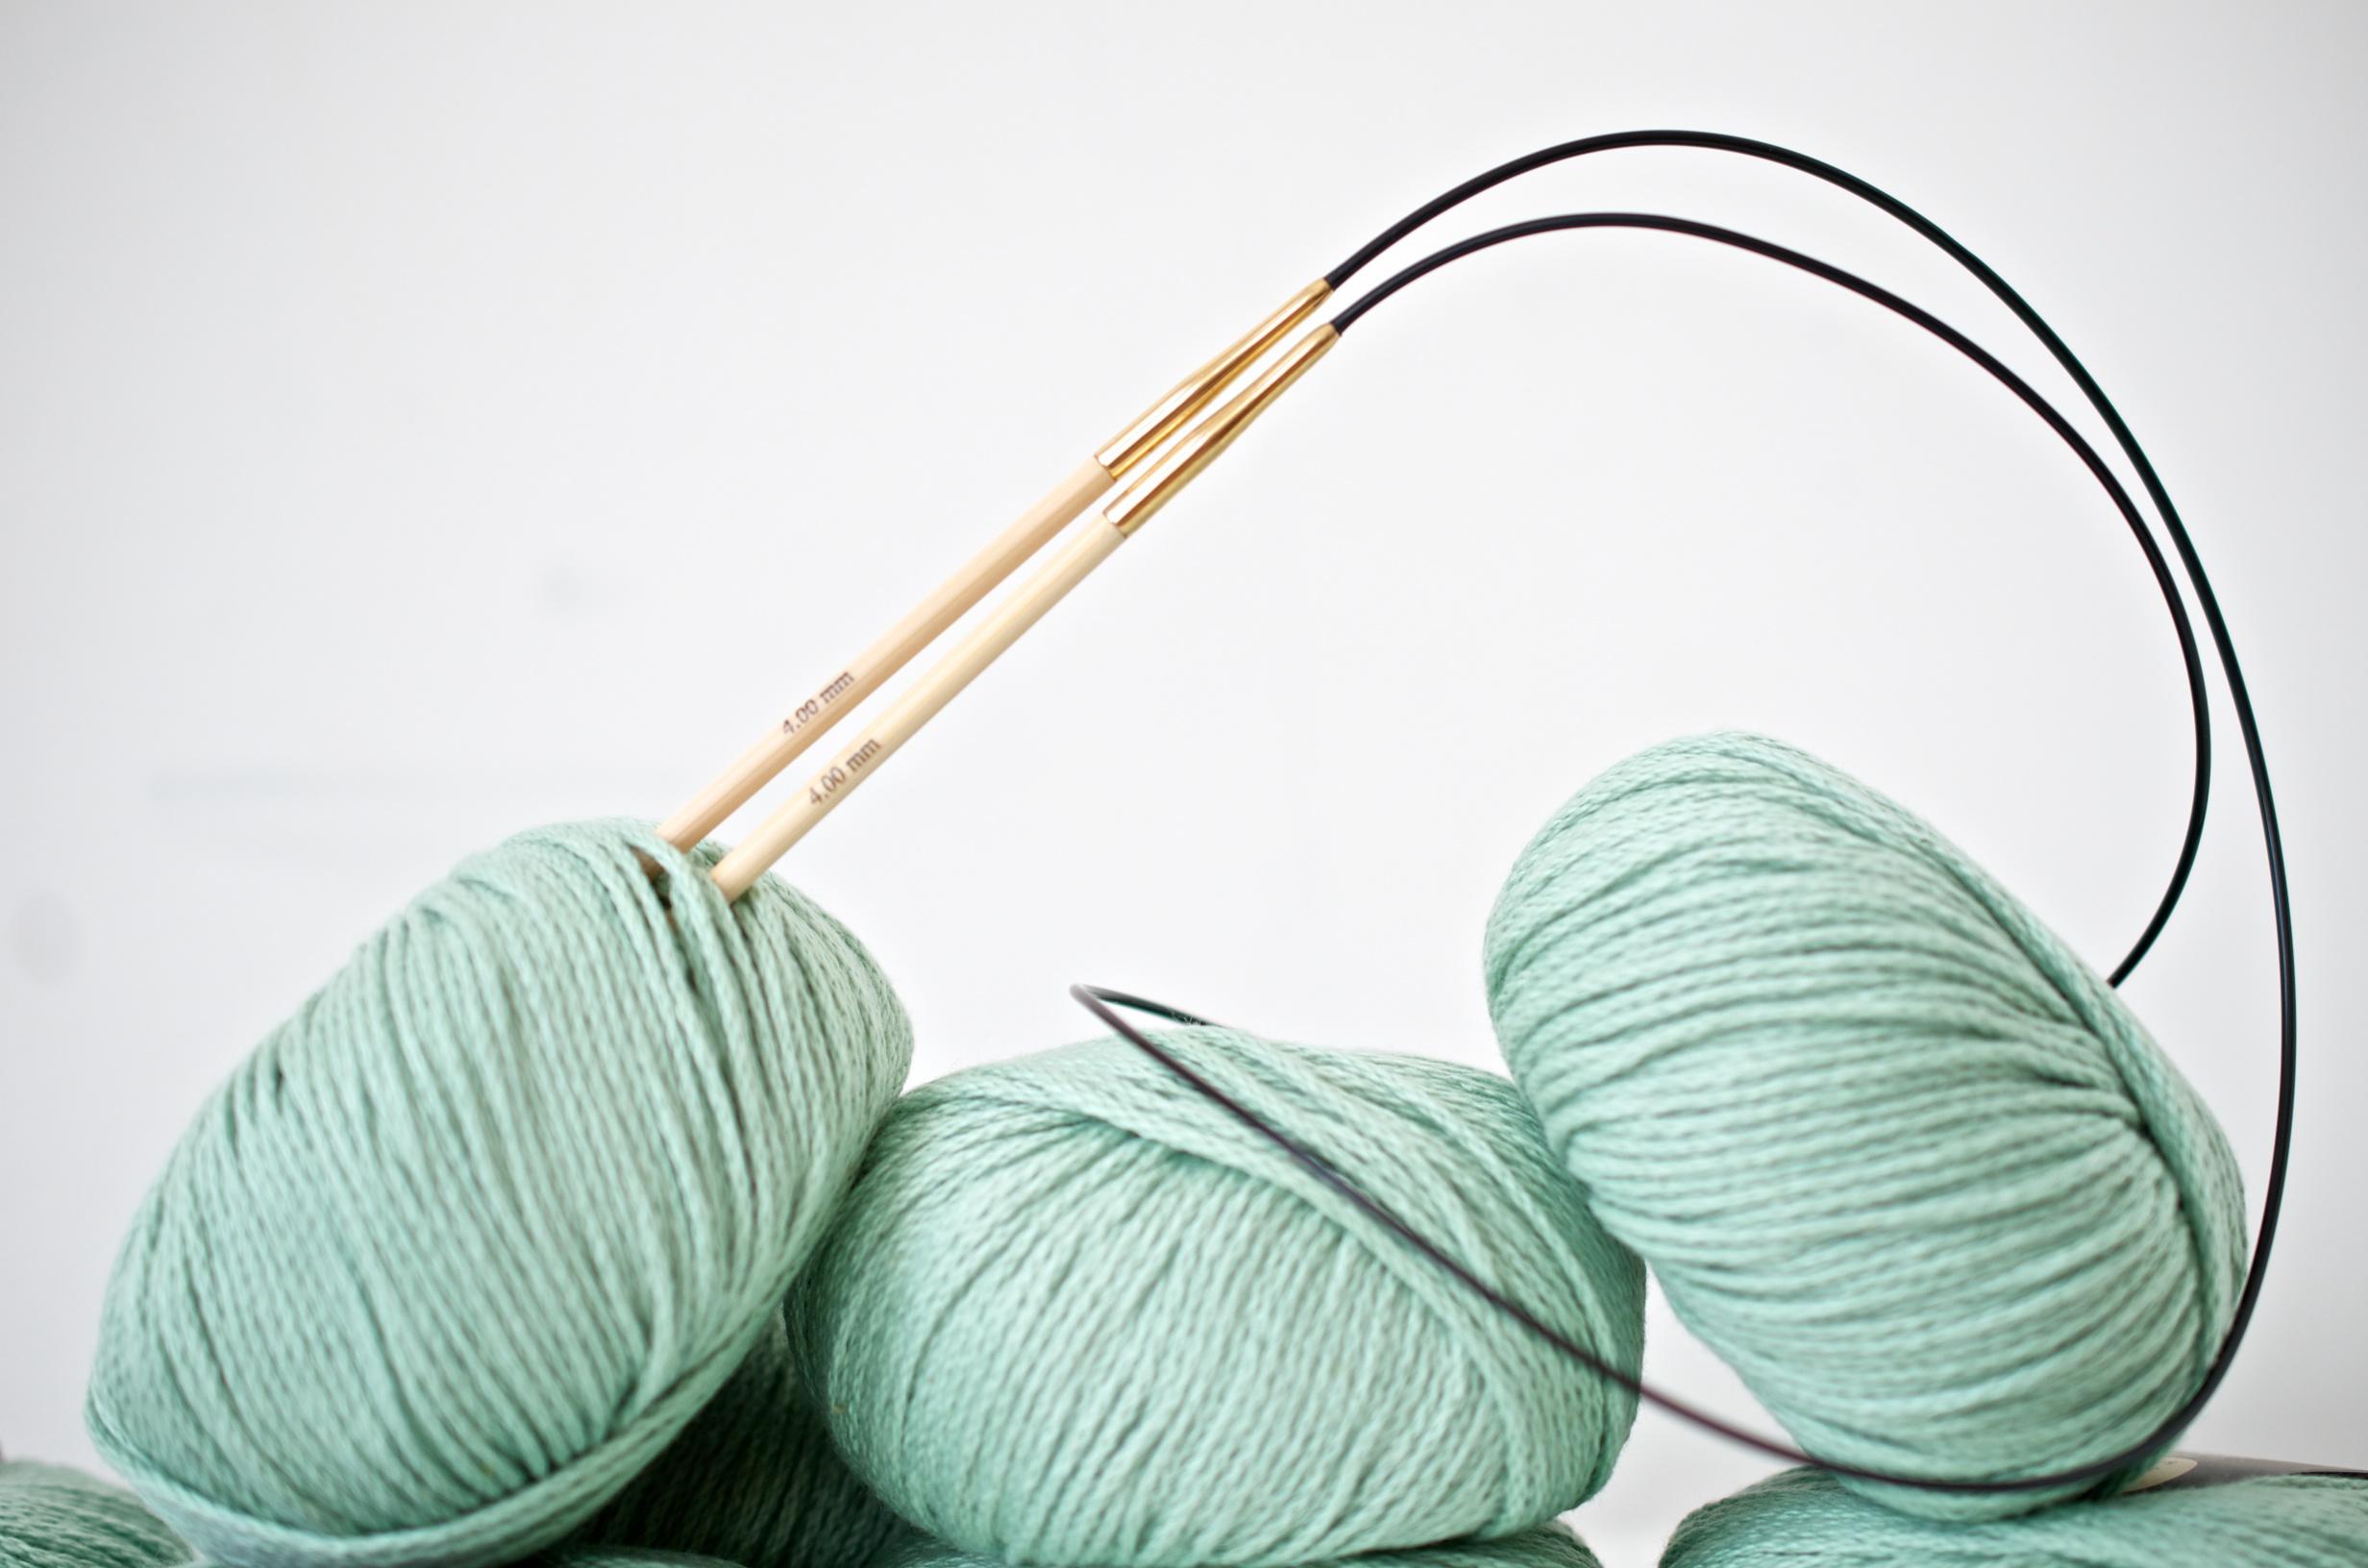 Meisterclass Wolle und Nadeln